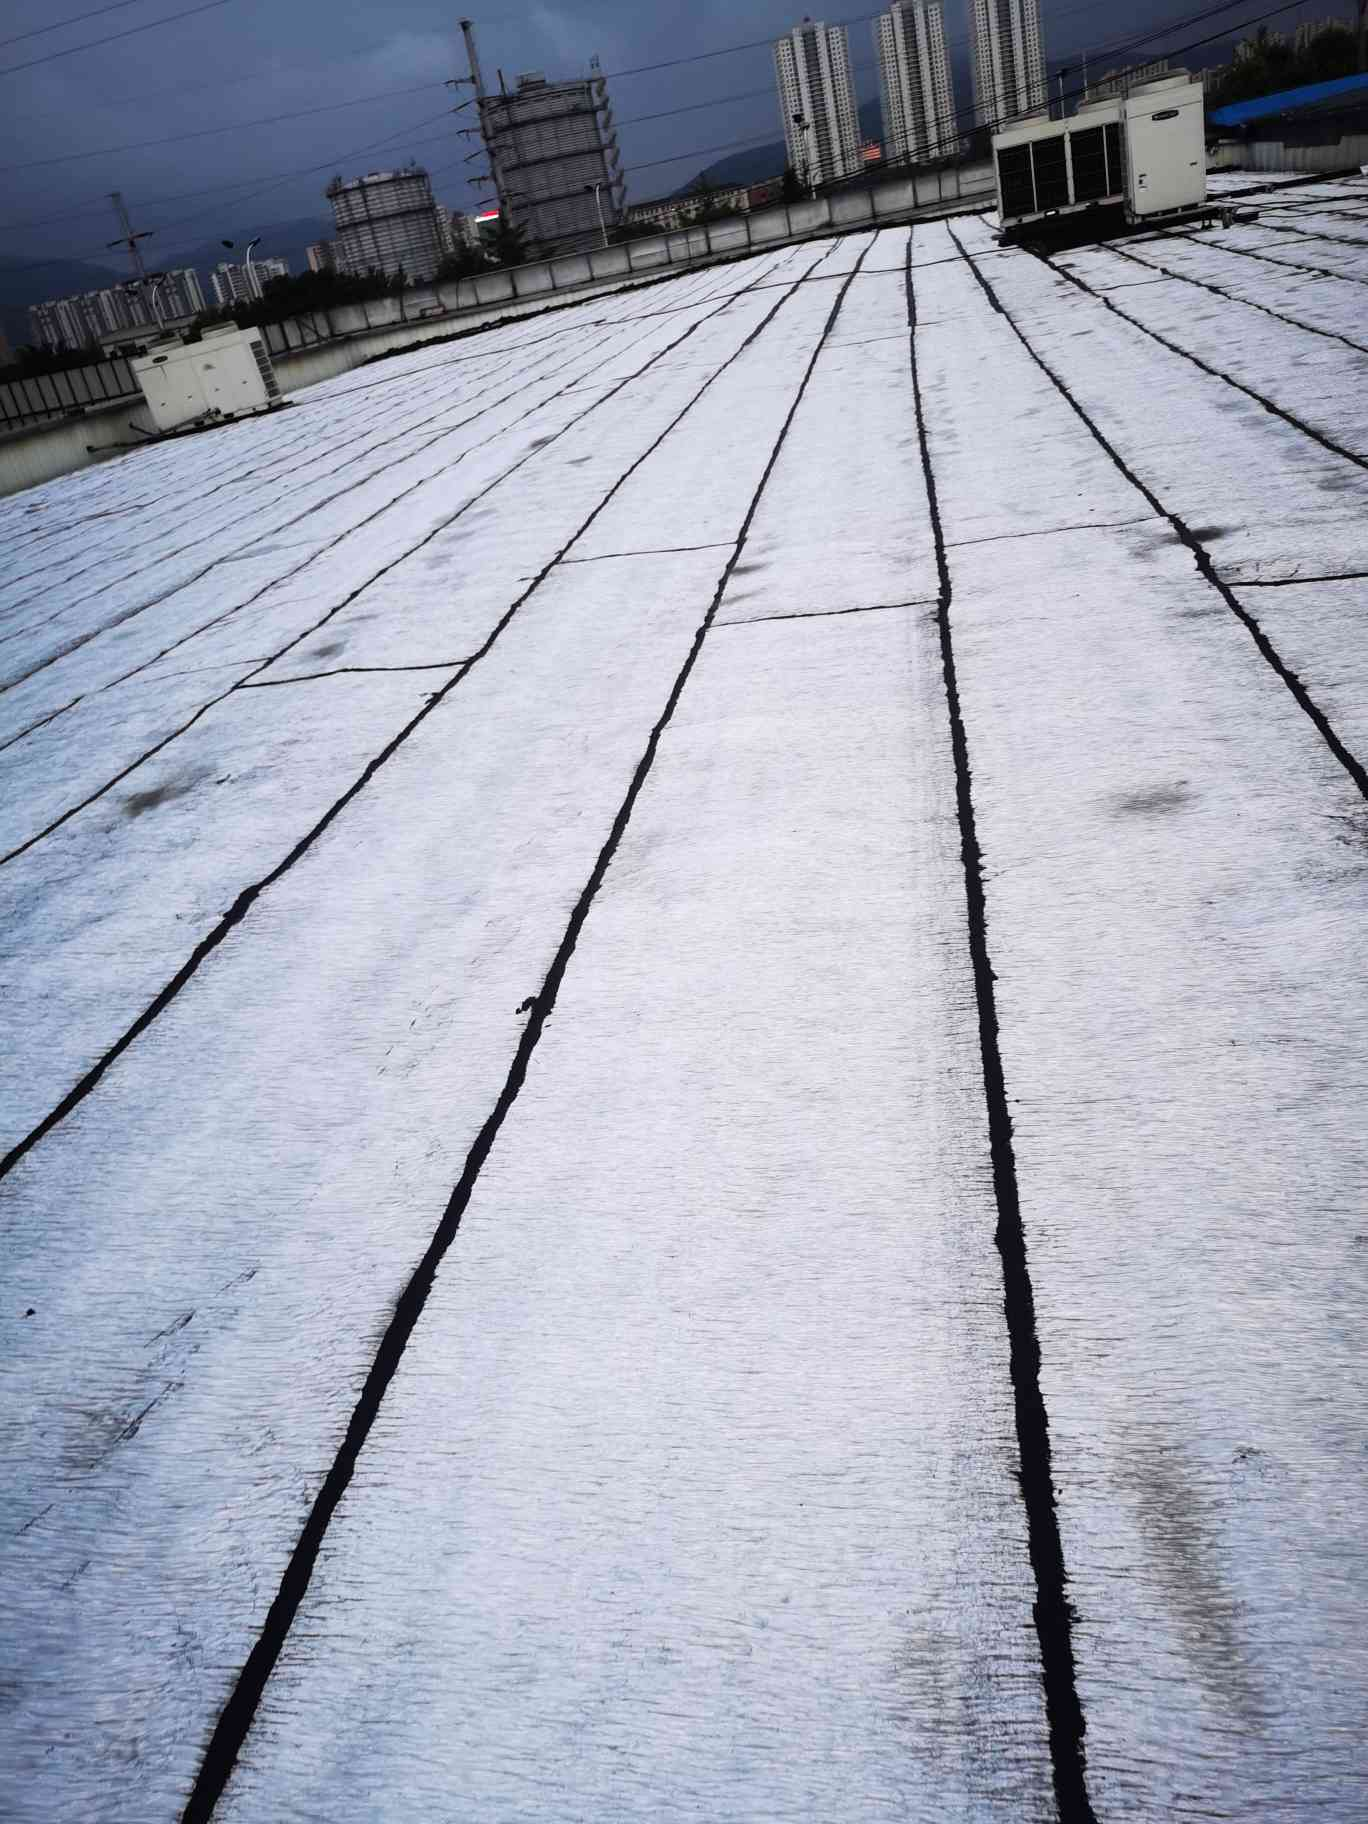 无锡市防水公司一宜兴市和桥镇房顶防水补漏行业专家